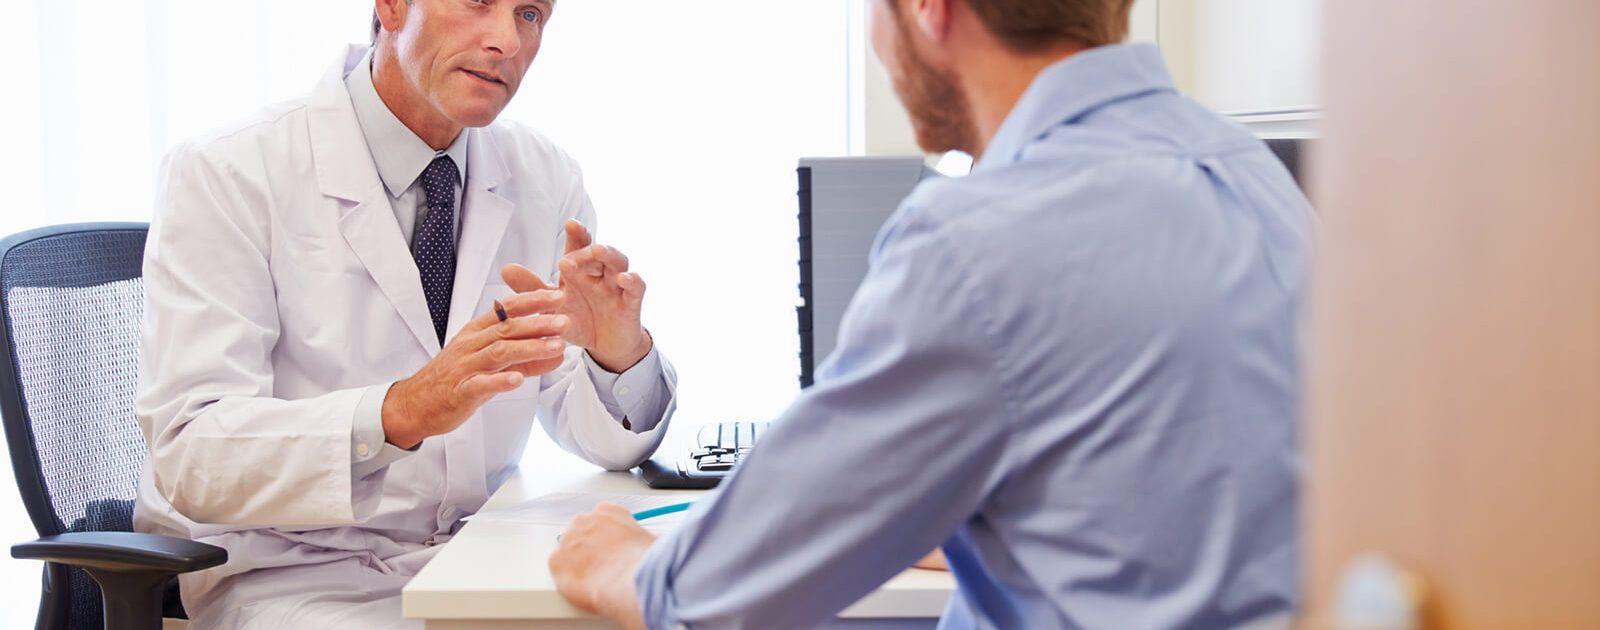 Eine OP ist eine mögliche Maßnahme gegen Hämorrhoiden.